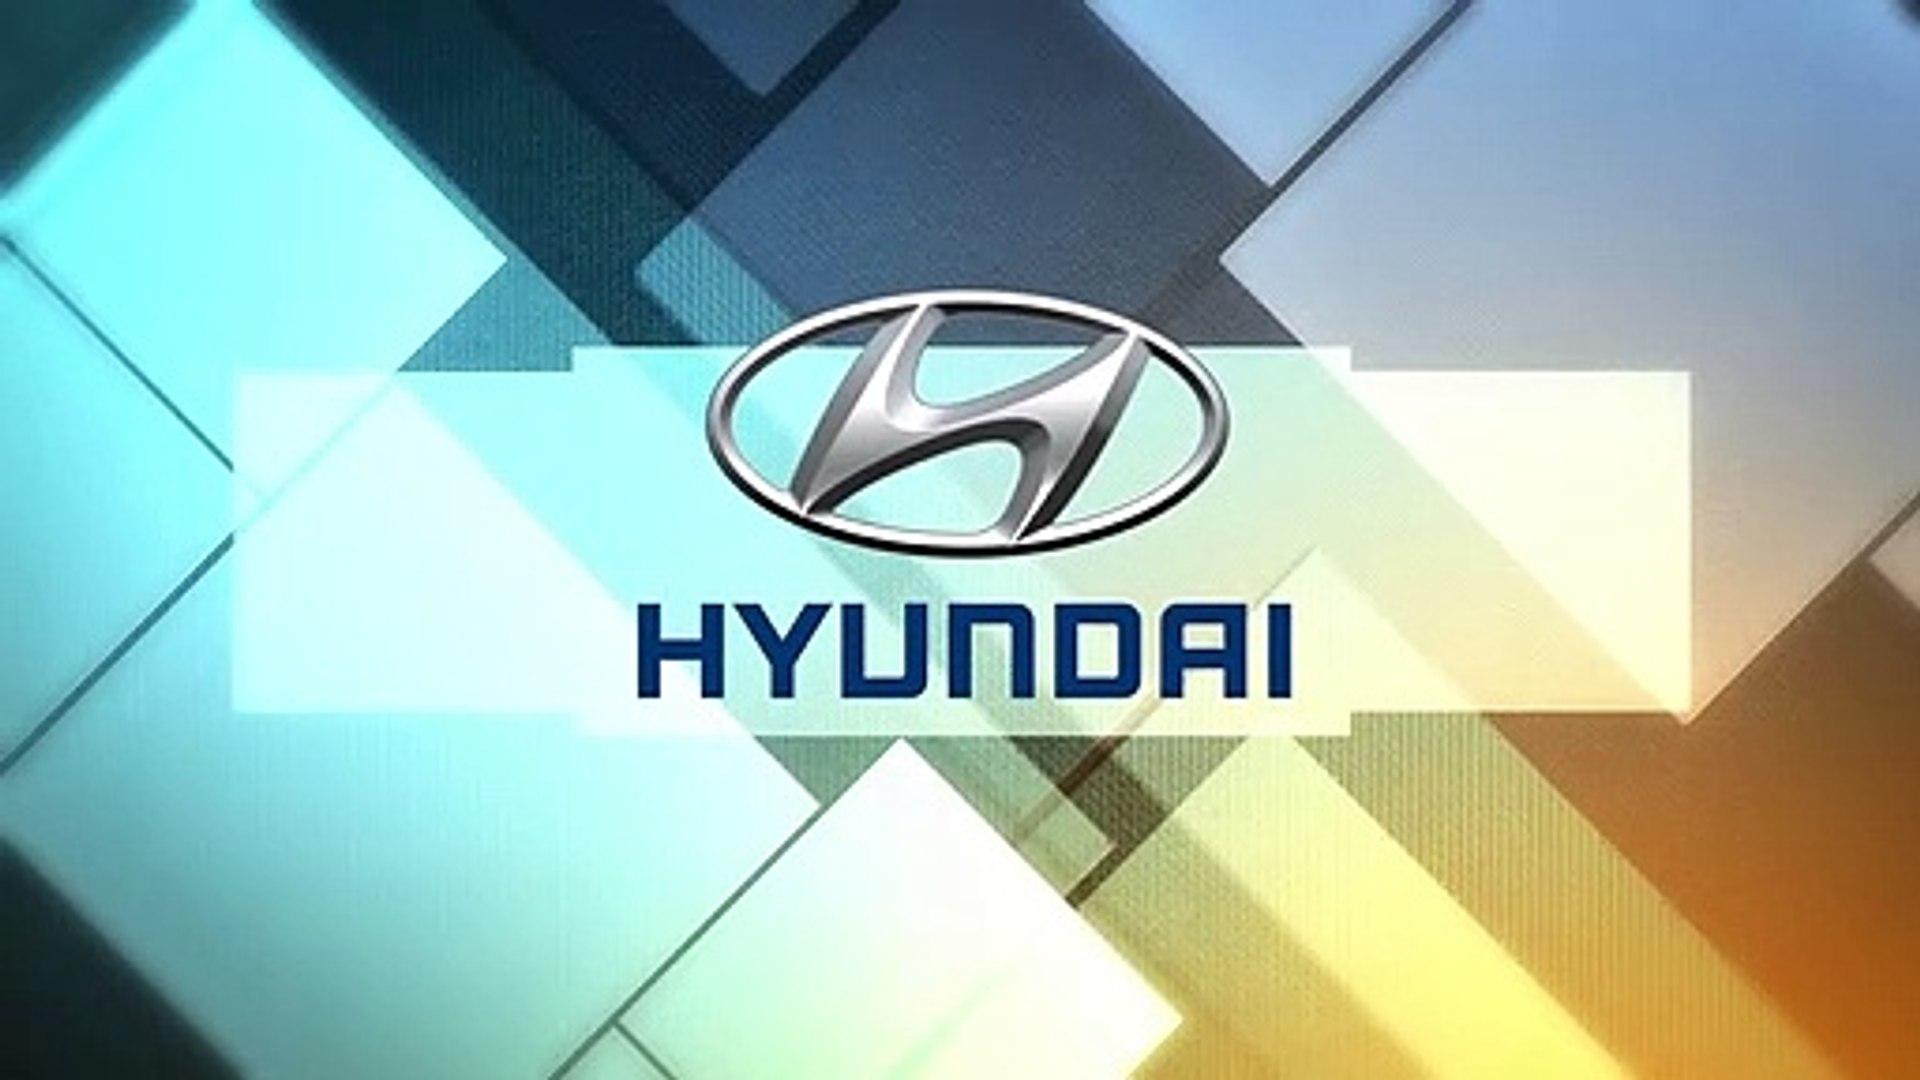 2019 Hyundai Santa Fe New Braunfels TX | Hyundai Santa Fe New Braunfels TX